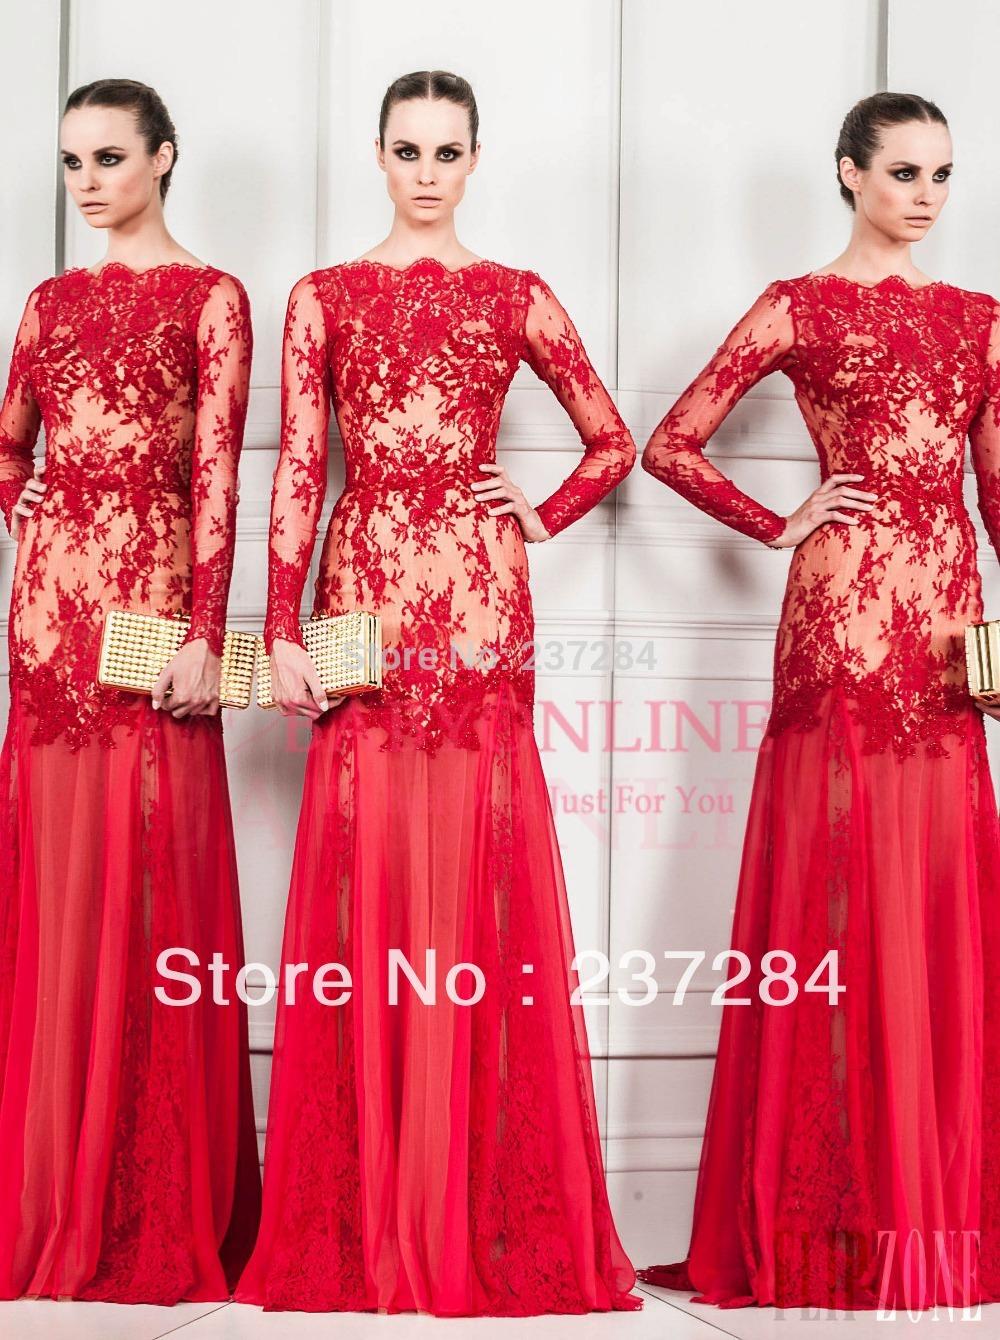 Long Sleeves Mermaid Dress Dresses 2014-long-sleeves